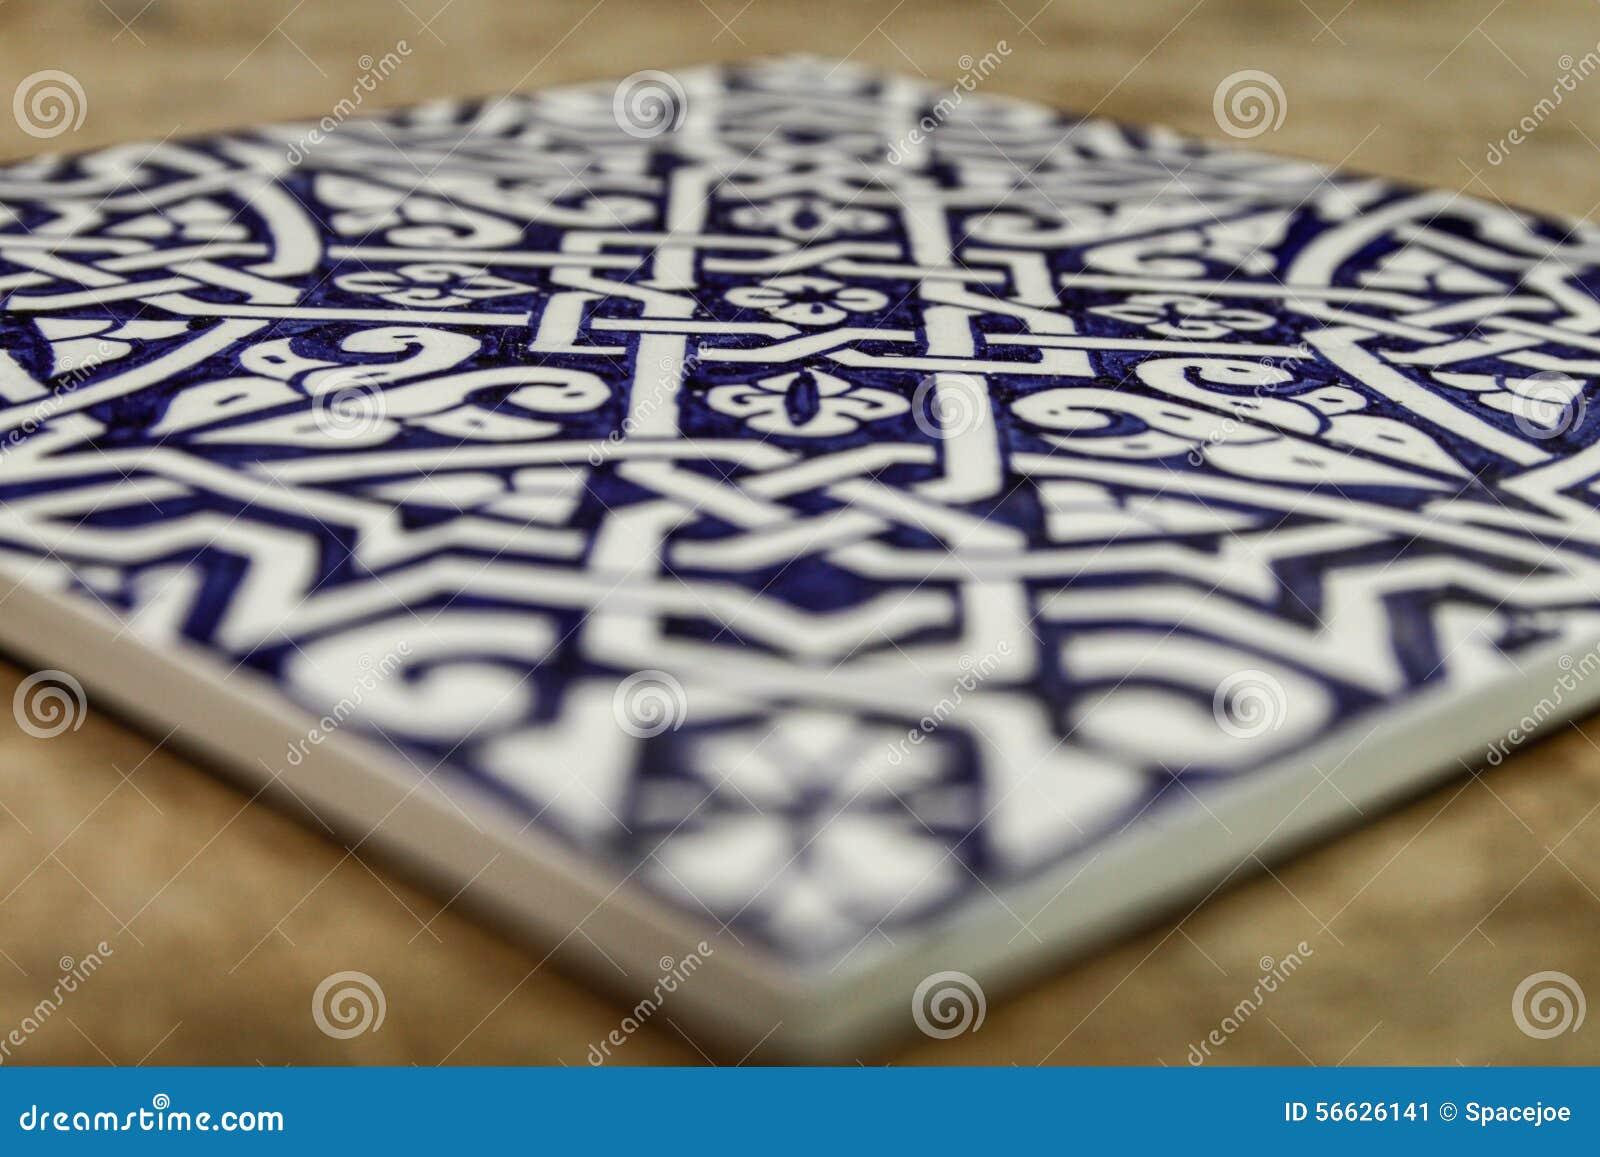 Piastrelle marocchine blu: sfondo vintage con piastrelle marocchine